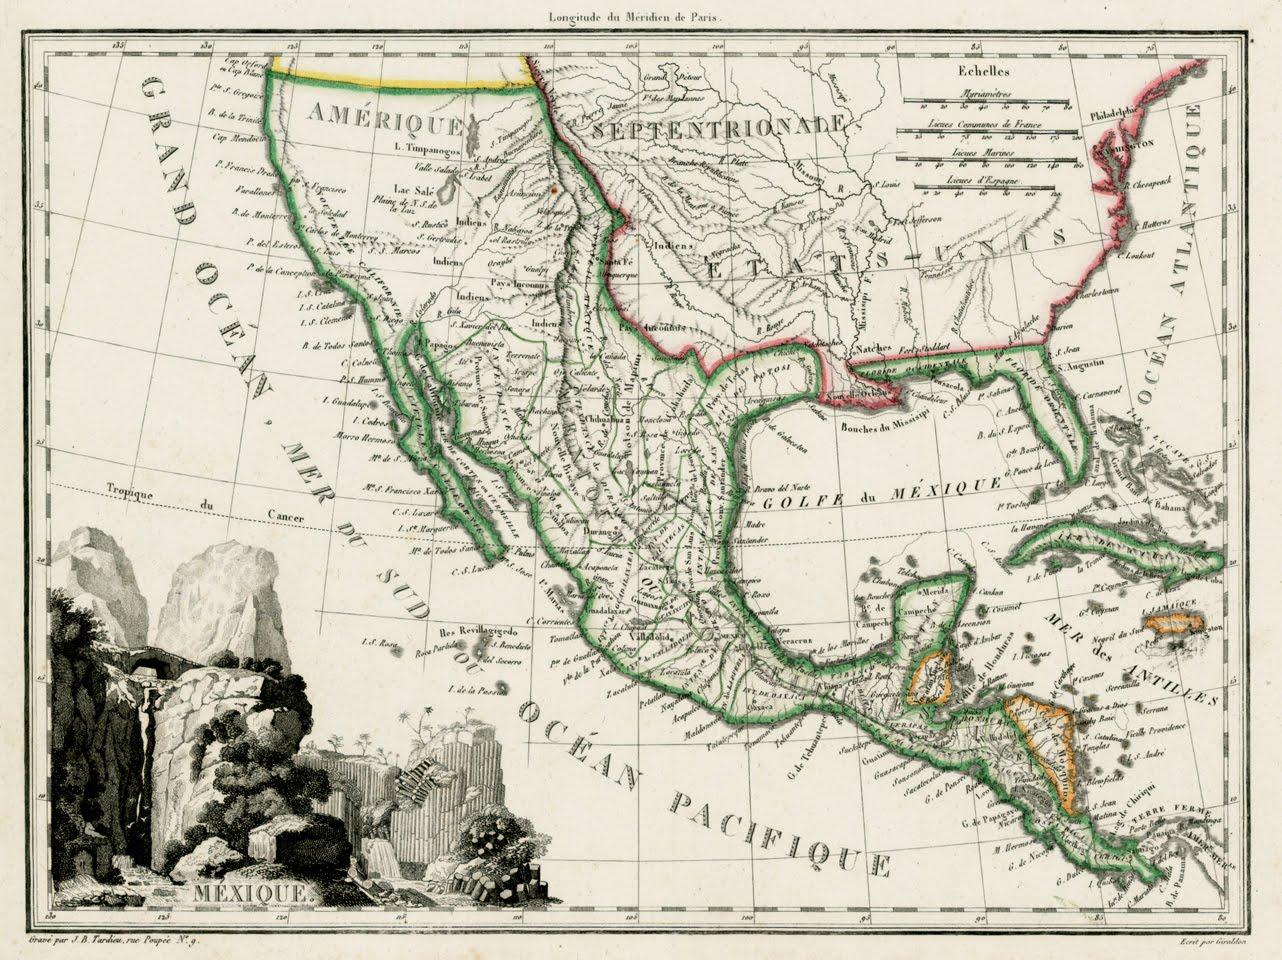 Antique Prints Blog April 2012 – Map of Mexico 1821